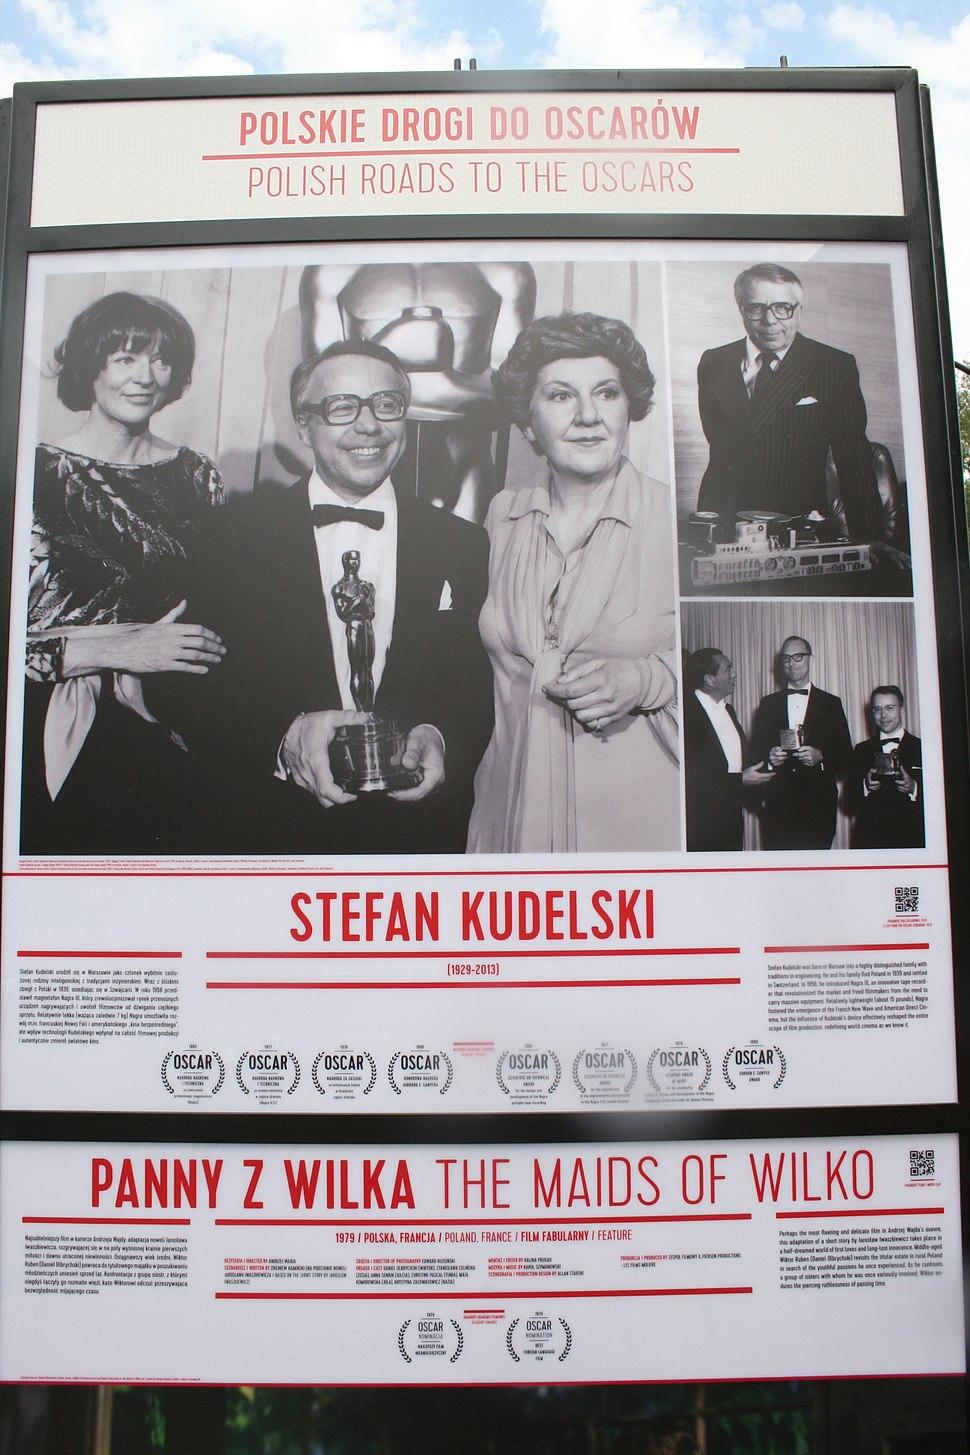 Monument to Kudelski at Polish Film Institute